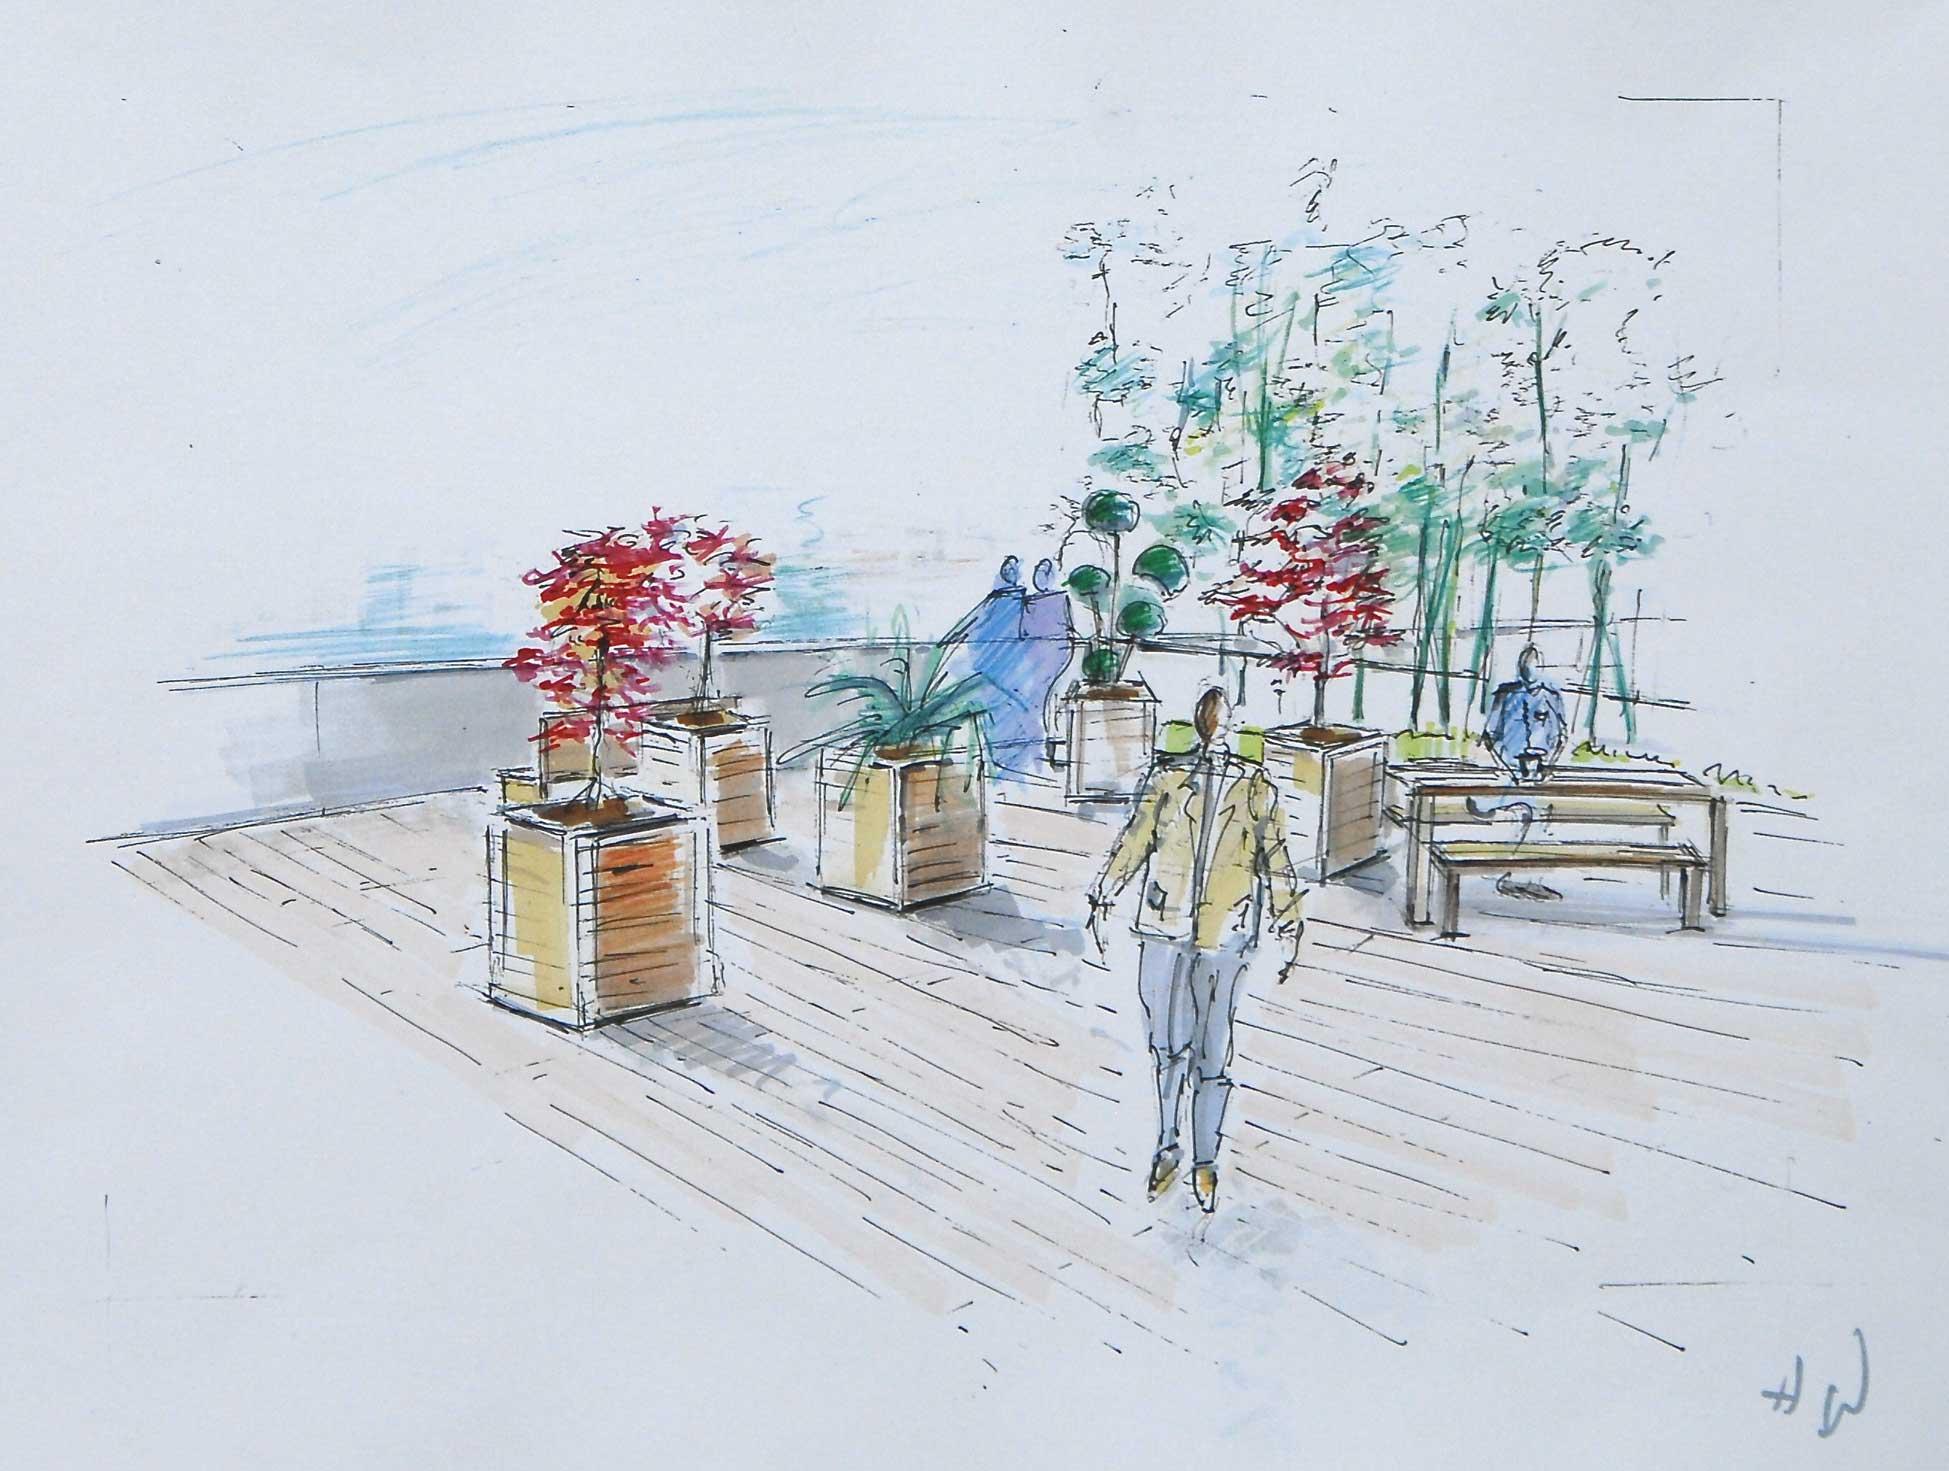 Maison Dessin Perspective : Croquis d architecture et de paysage cours dessin